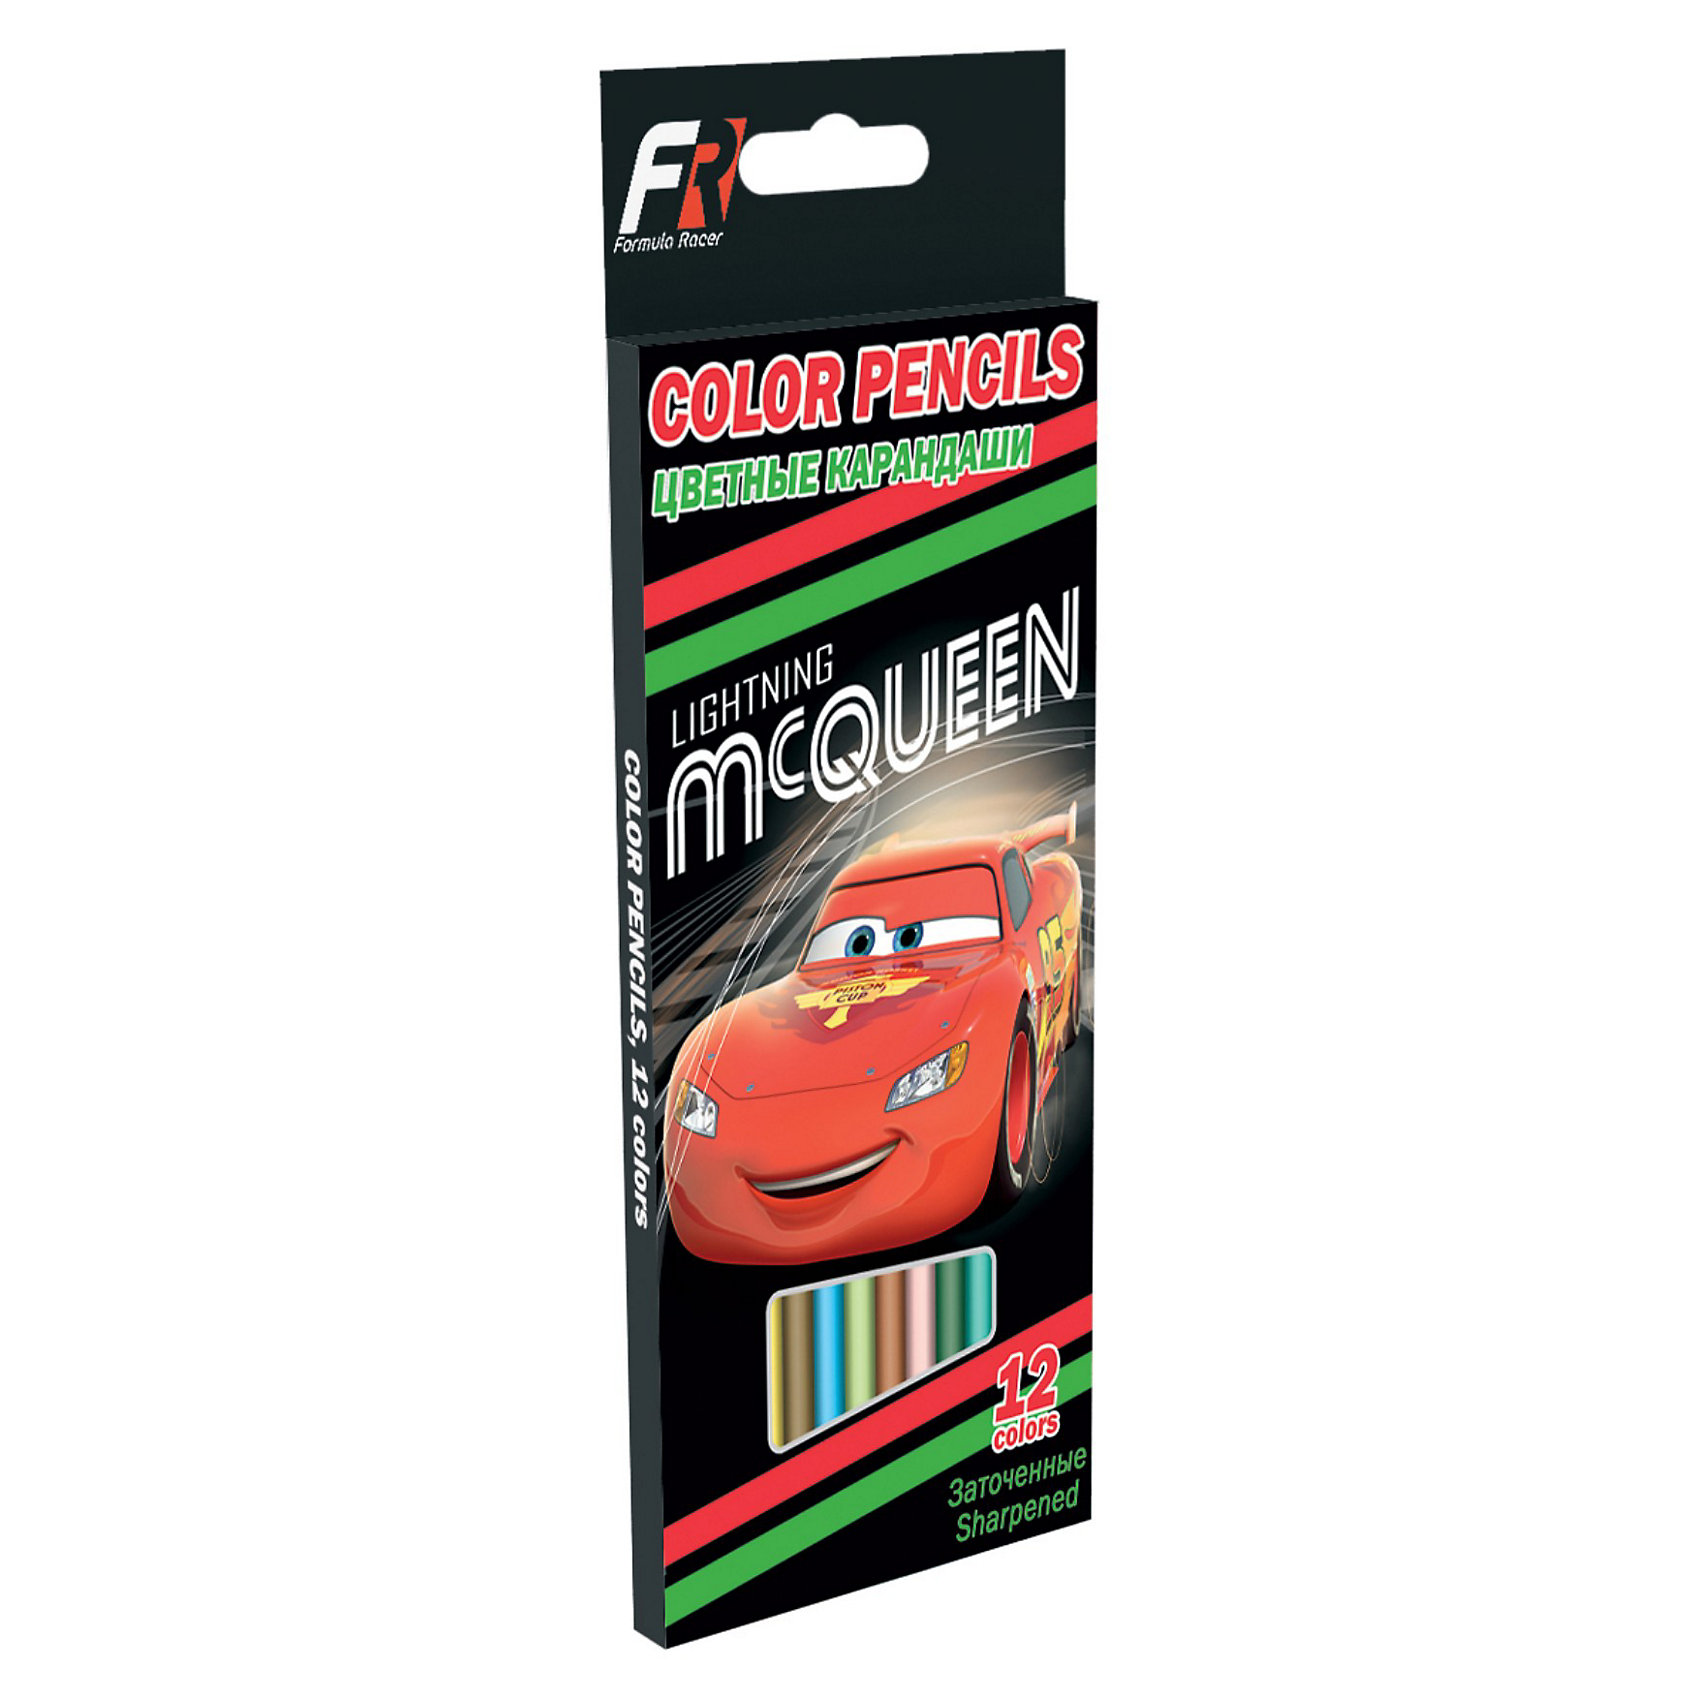 Цветные карандаши, 12 шт, ТачкиЦветные карандаши, 12 шт, Тачки (Cars) — отличный набор для детского творчества. Карандаши упакованы в коробку из мелованного картона, с иллюстрацией в стиле мультфильма Тачки (Cars), что несомненно порадует маленьких поклонников данного мультфильма. <br><br>Рисование карандашами способствует развитию мелкой моторики рук, внимания, творческих и художественных способностей ребенка. <br><br>Подарите Вашему ребенку праздник творчества!<br><br>Дополнительная информация:<br><br>- Диаметр грифеля: 3 мм<br>- Заточенные<br>- Длина: 17,7 см<br>- Дерево: липа<br>- Размер упаковки: 21,5 х 9 х 1 см<br><br>Цветные карандаши, 12 шт, Тачки (Cars) можно купить в нашем интернет-магазине.<br><br>Ширина мм: 215<br>Глубина мм: 90<br>Высота мм: 10<br>Вес г: 100<br>Возраст от месяцев: 48<br>Возраст до месяцев: 84<br>Пол: Мужской<br>Возраст: Детский<br>SKU: 3563057